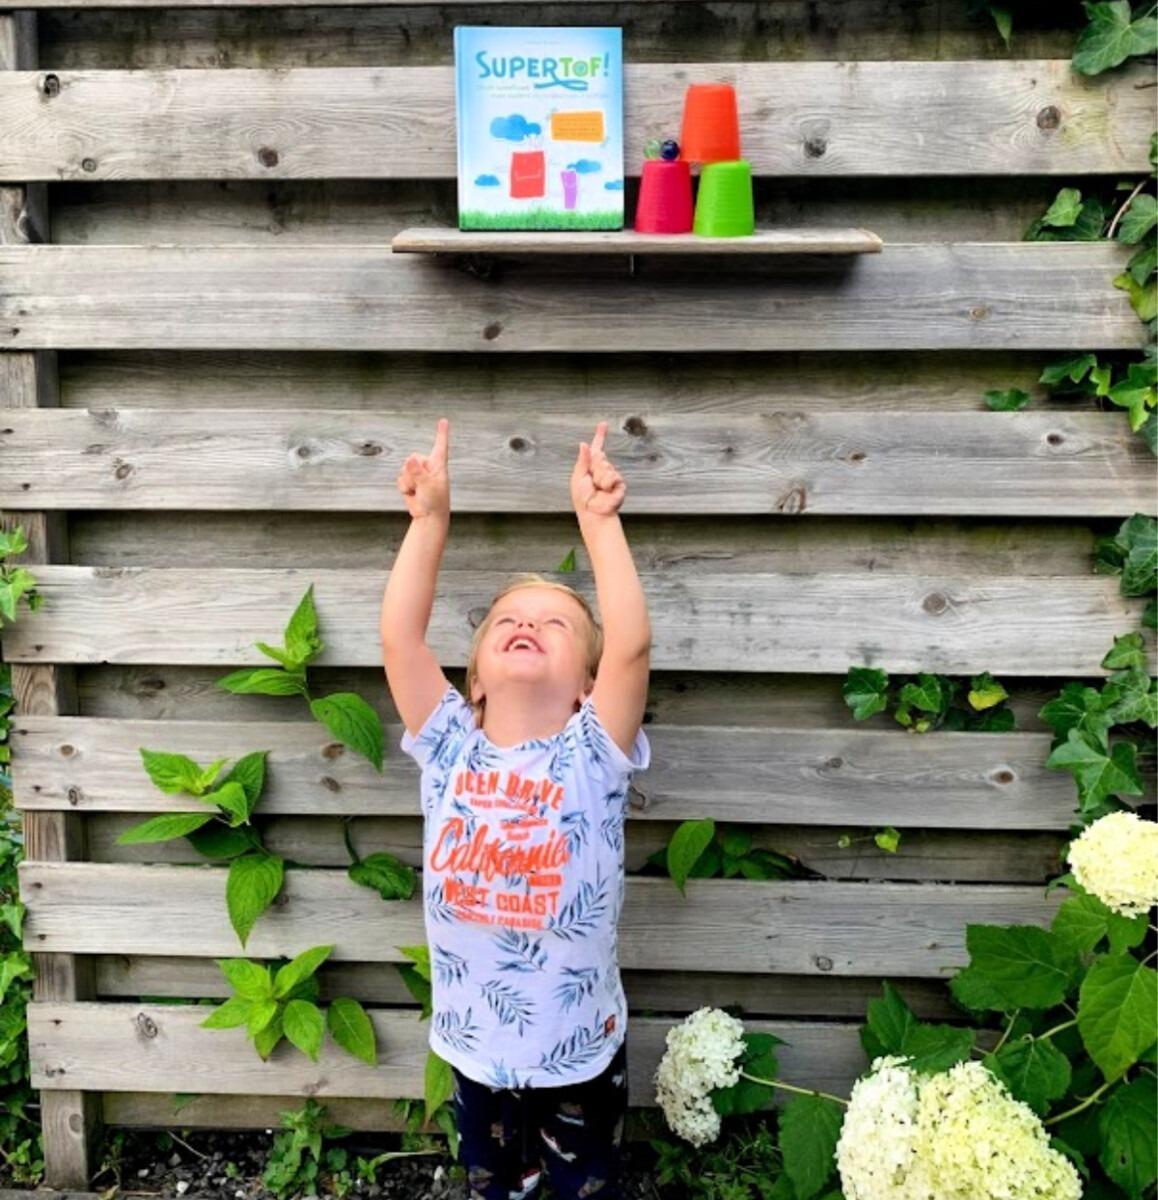 supertof speelboek tot acht jaar